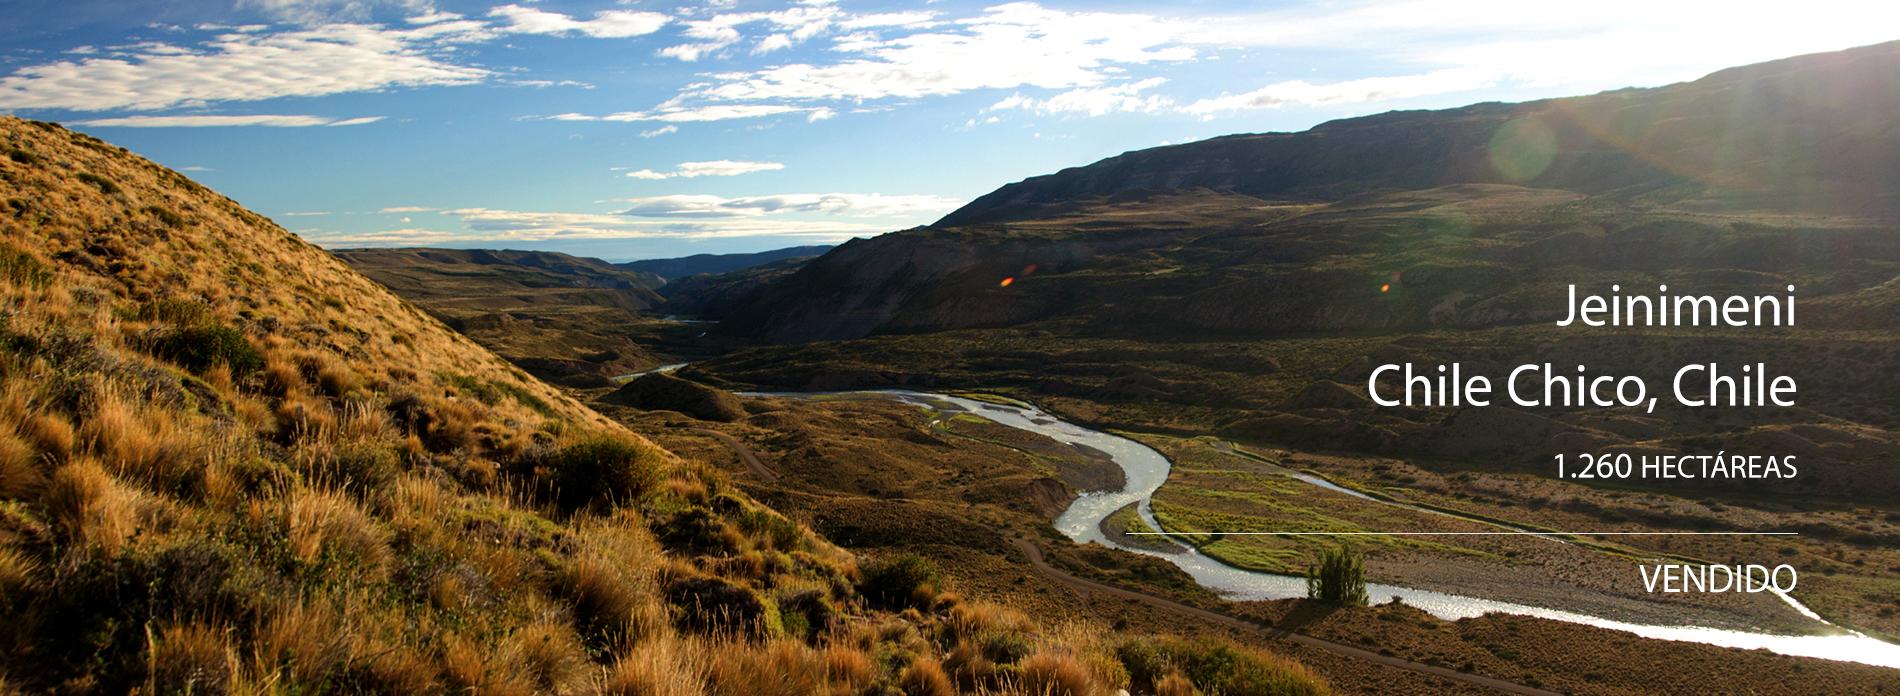 Patagonia Sur | Conservación Rentable